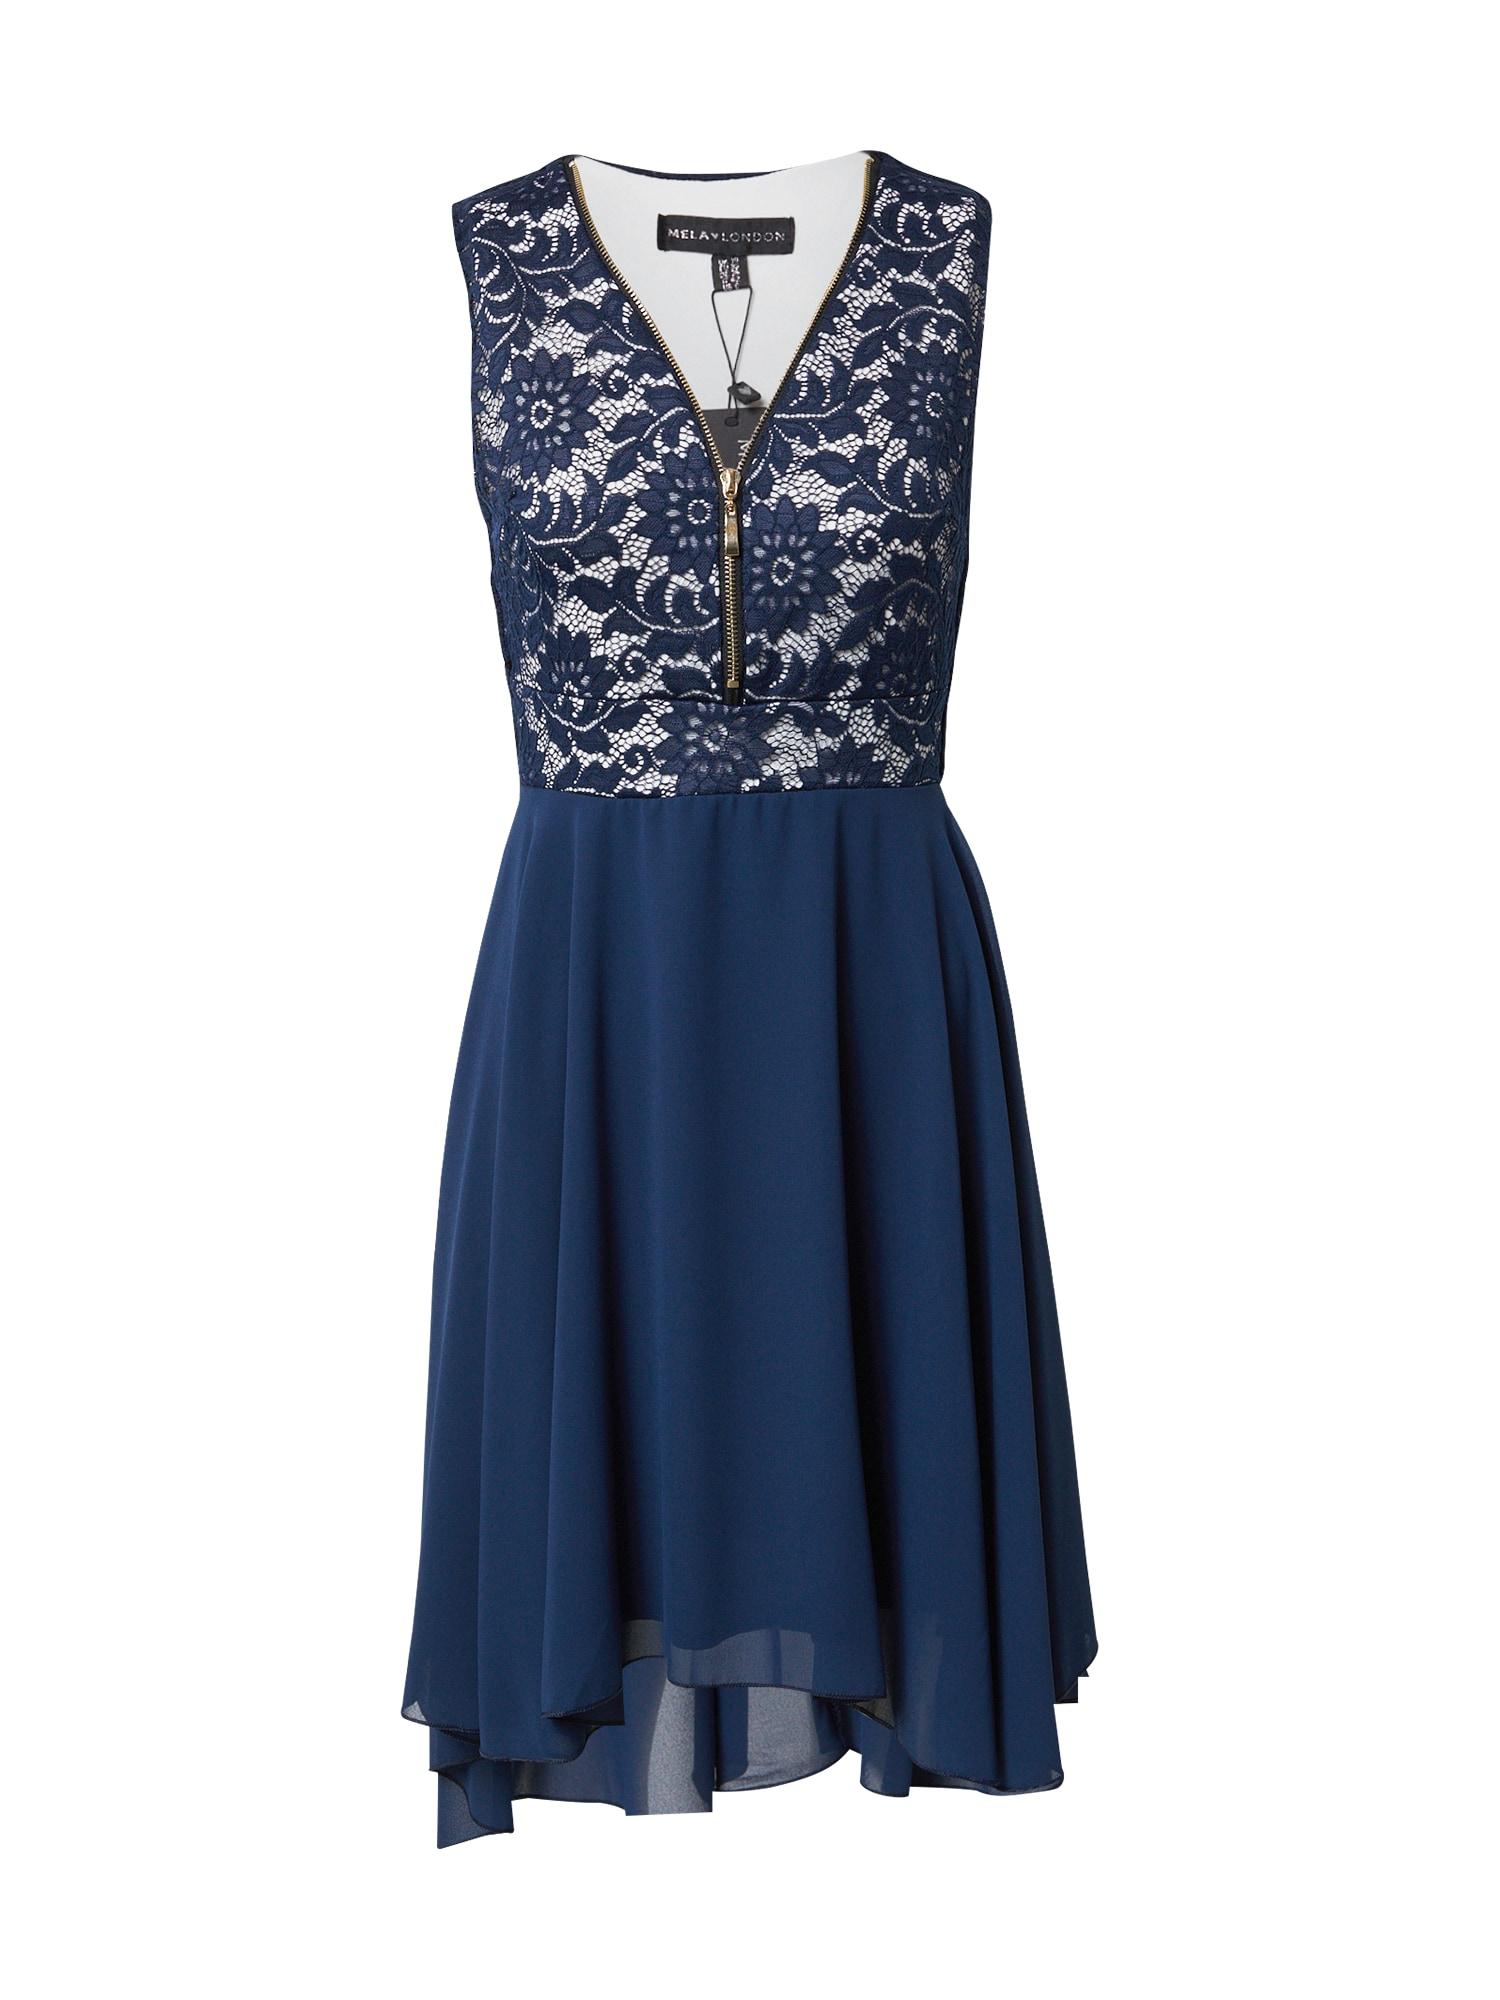 Mela London Šaty  námořnická modř / bílá